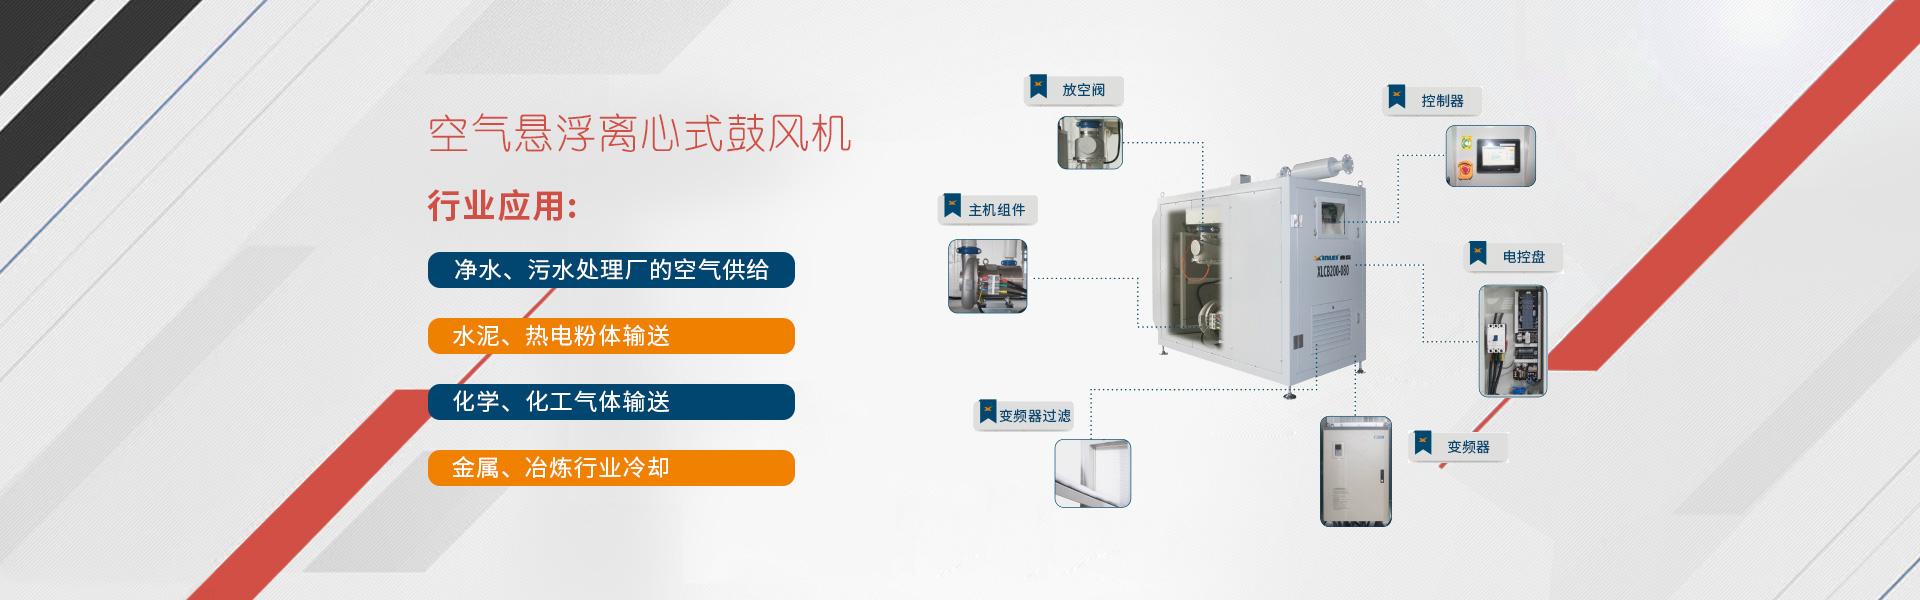 无油螺杆鼓风机,宜兴市艾普空气系统设备有限公司